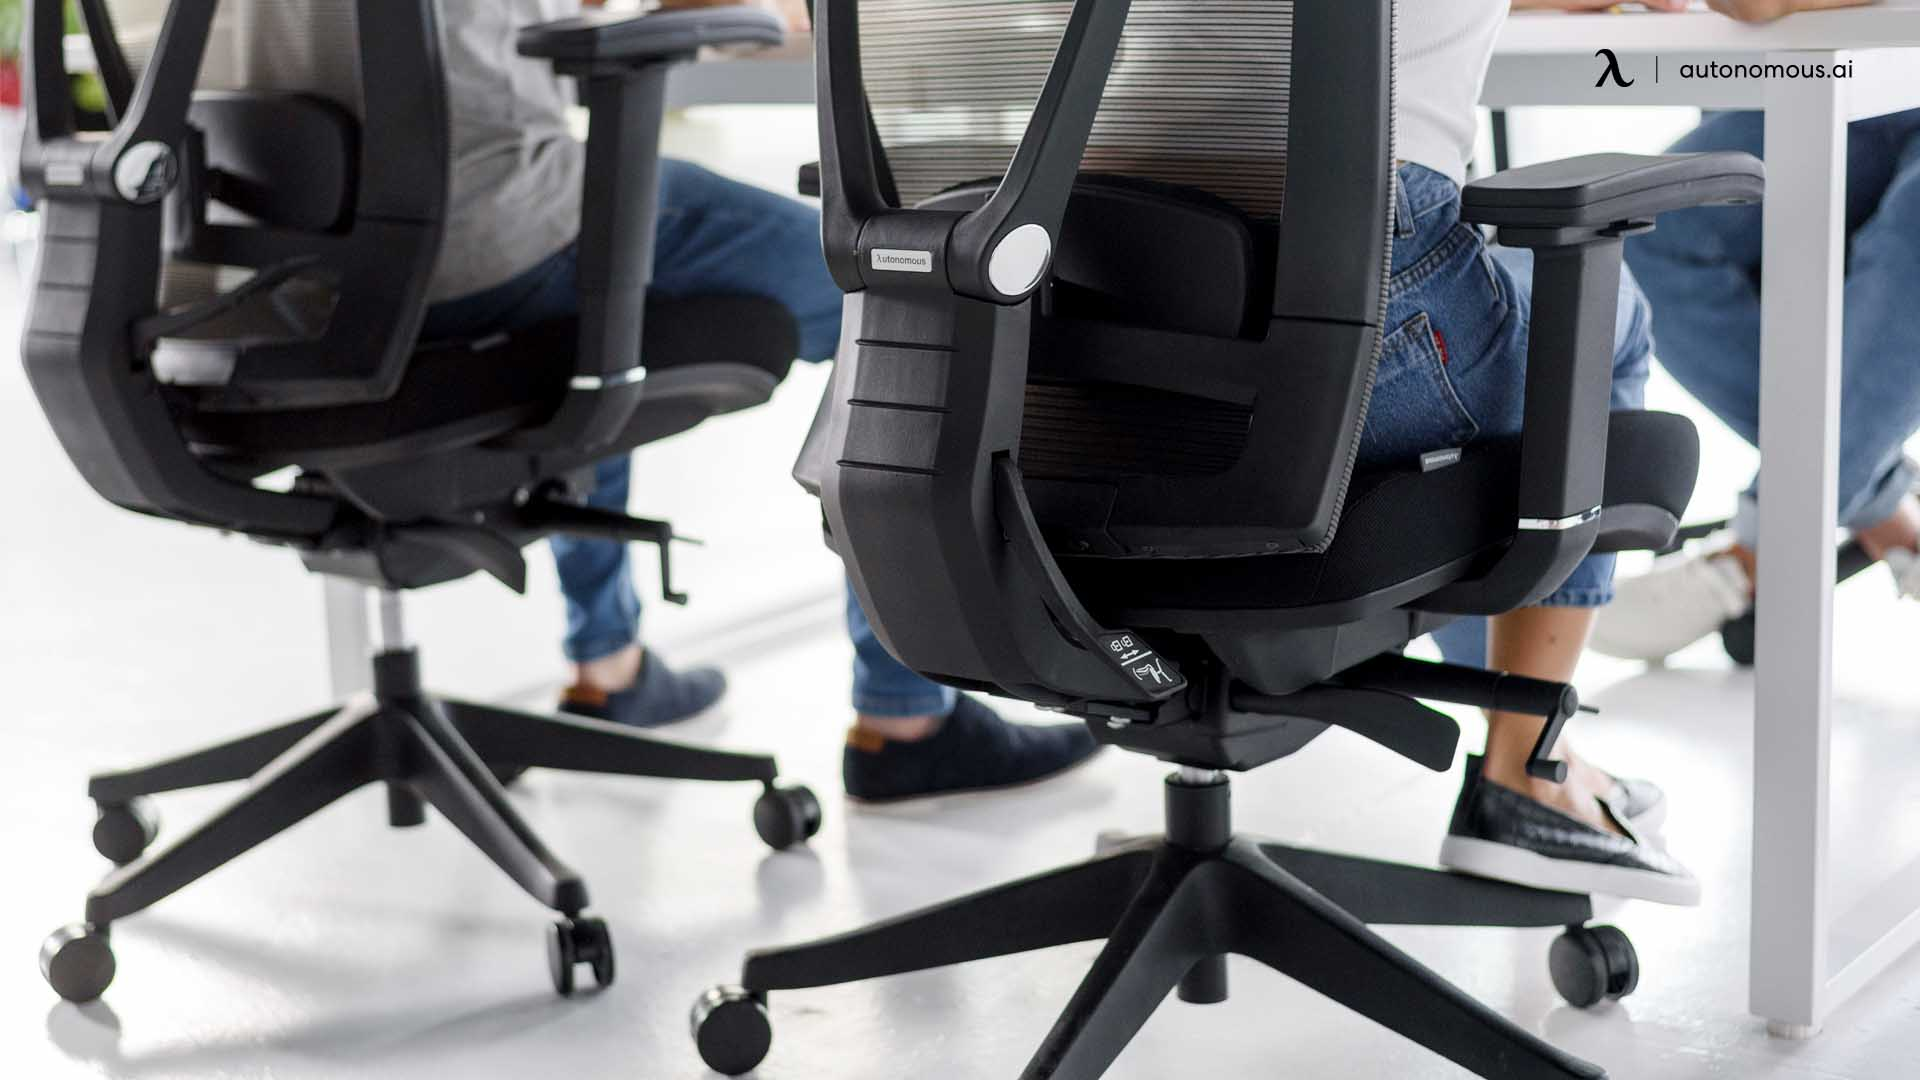 Implementing office ergonomics